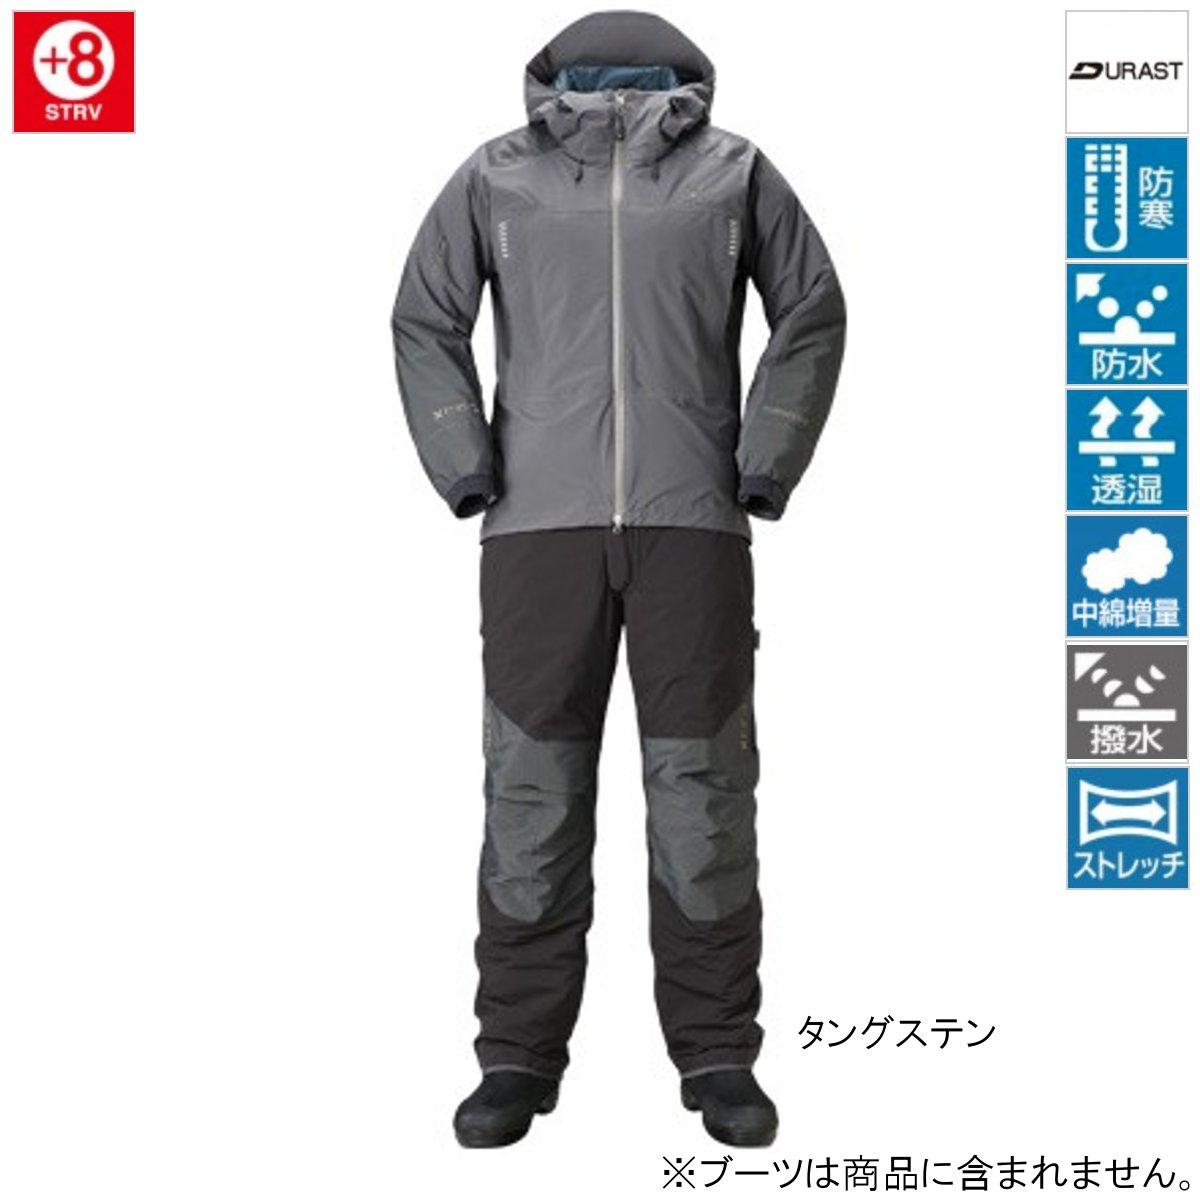 シマノ XEFO ストレッチ ウォームスーツ RB-224R M タングステン【送料無料】